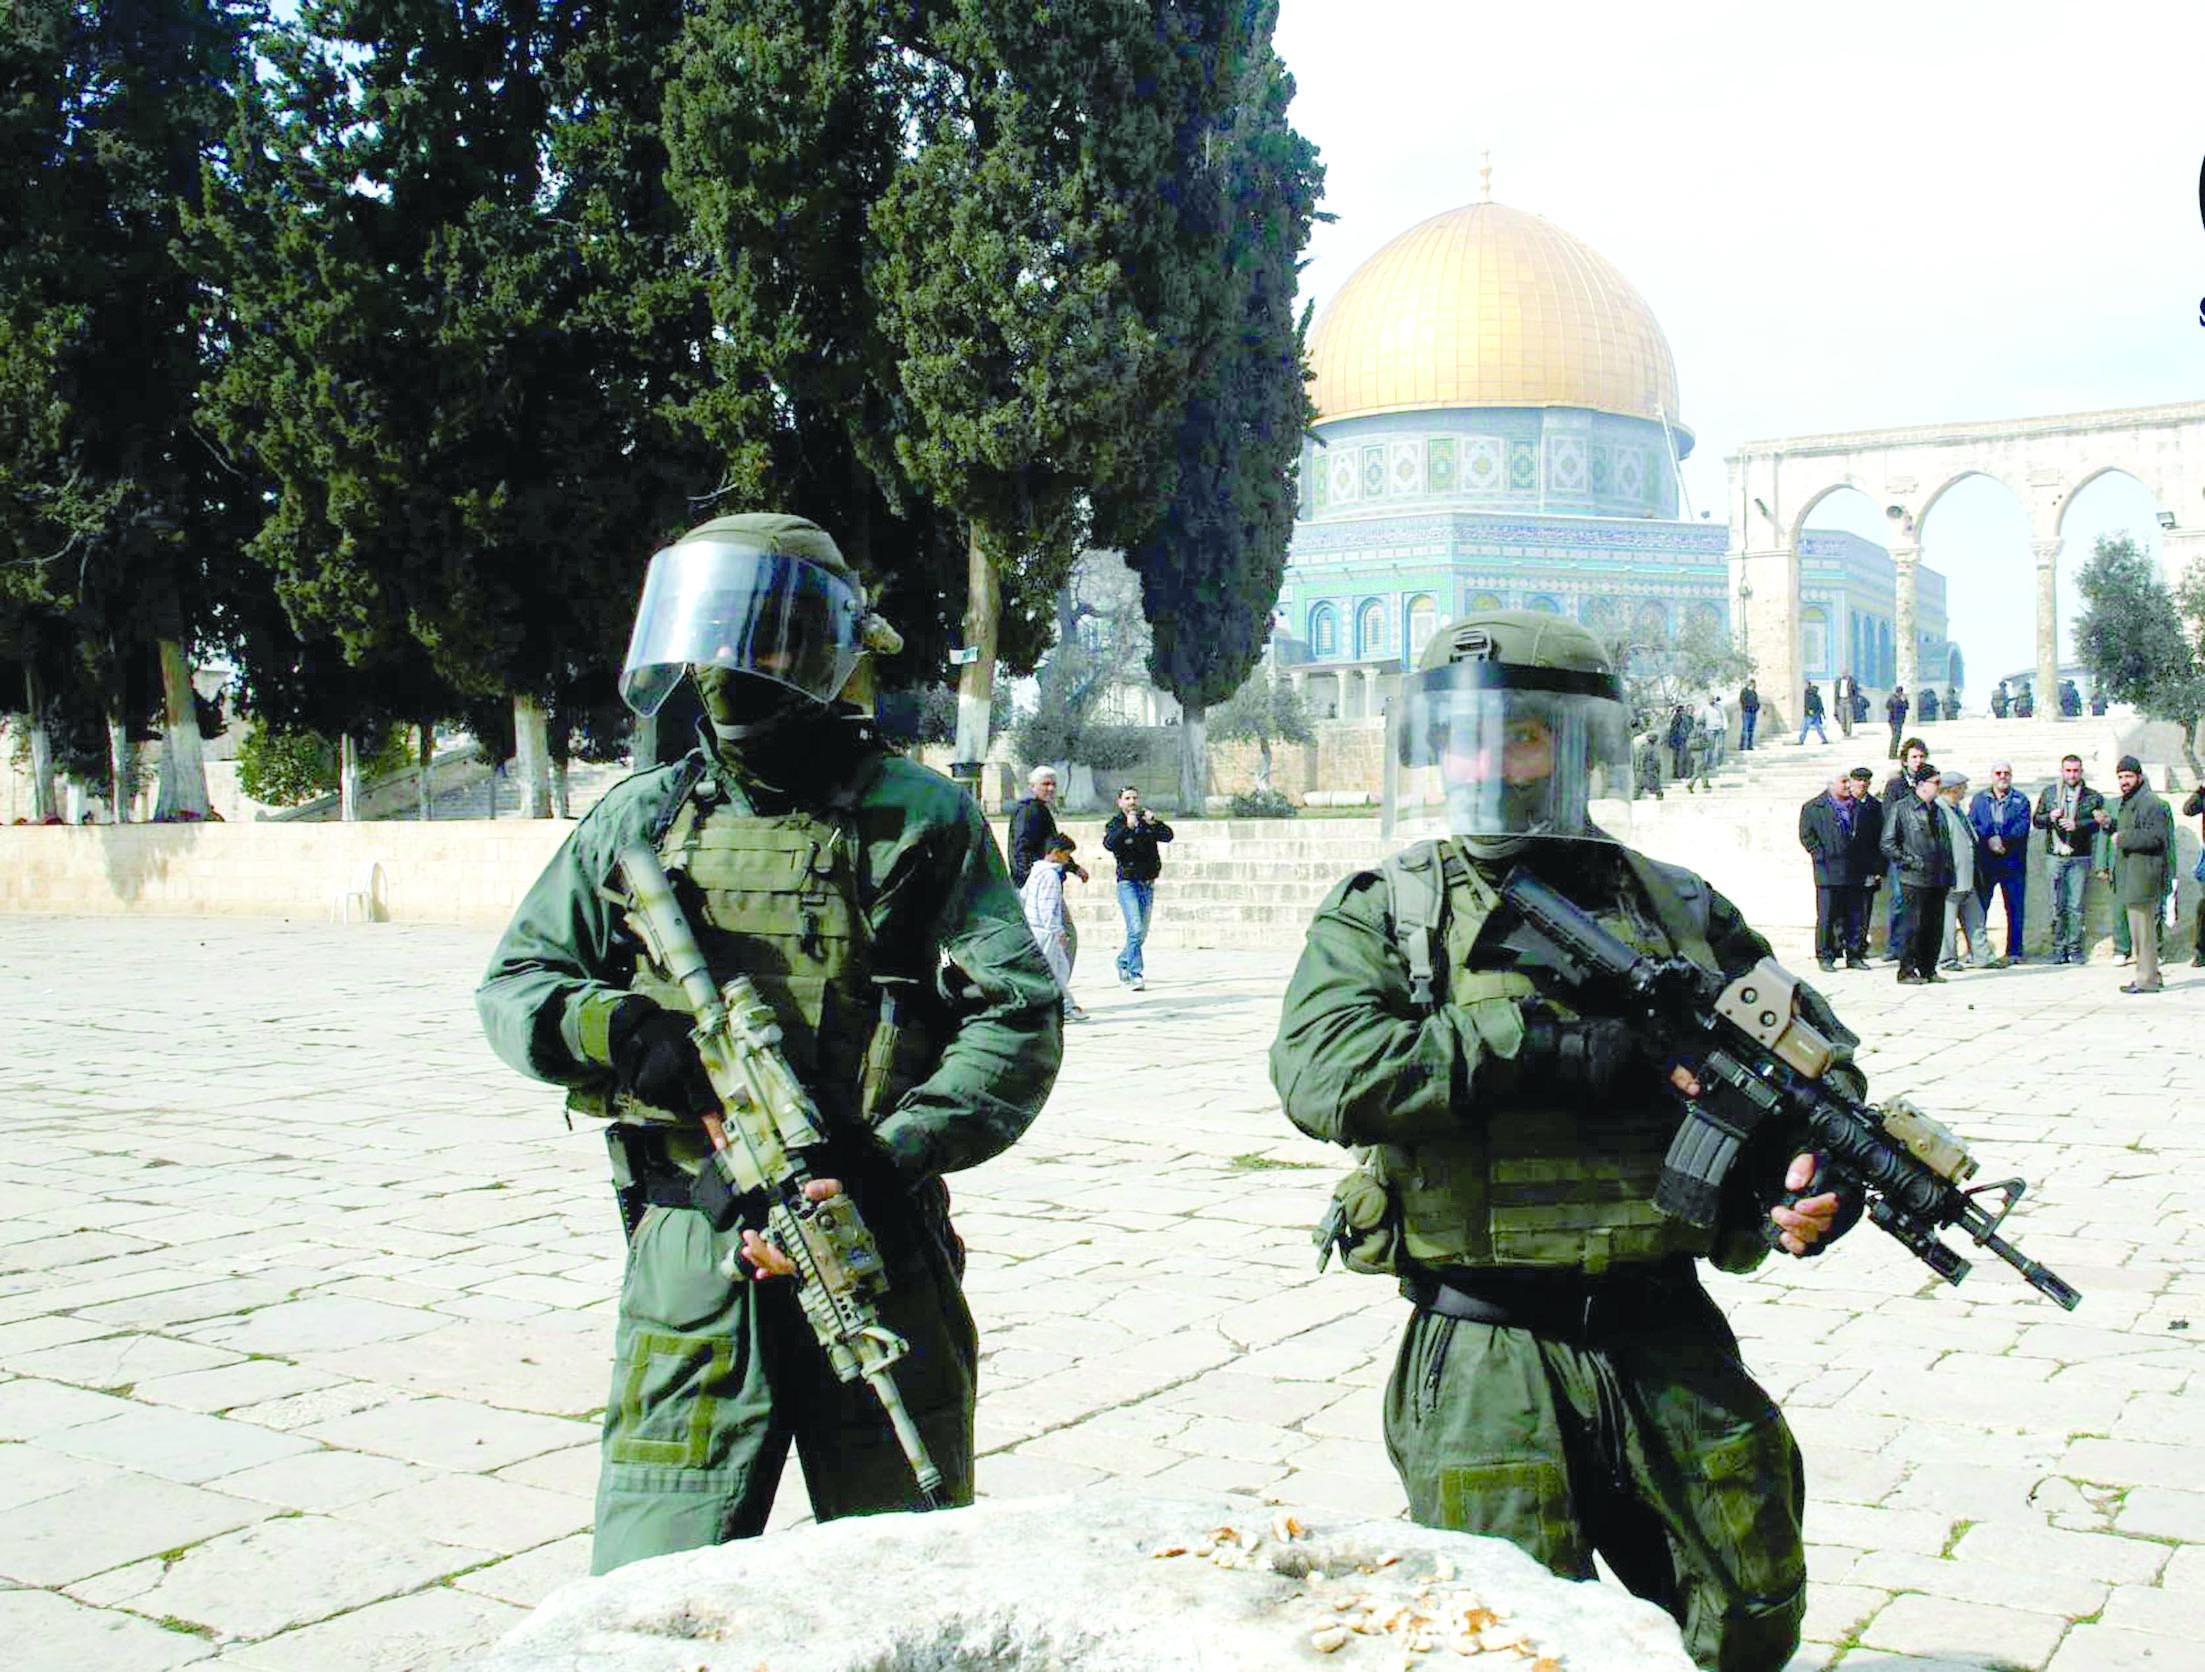 تقرير إخباري:خطة لبناء 770 وحدة استيطانية جديدة في القدس الشرقية ومستوطنون يسـتأنفون اقتحام الأقصى